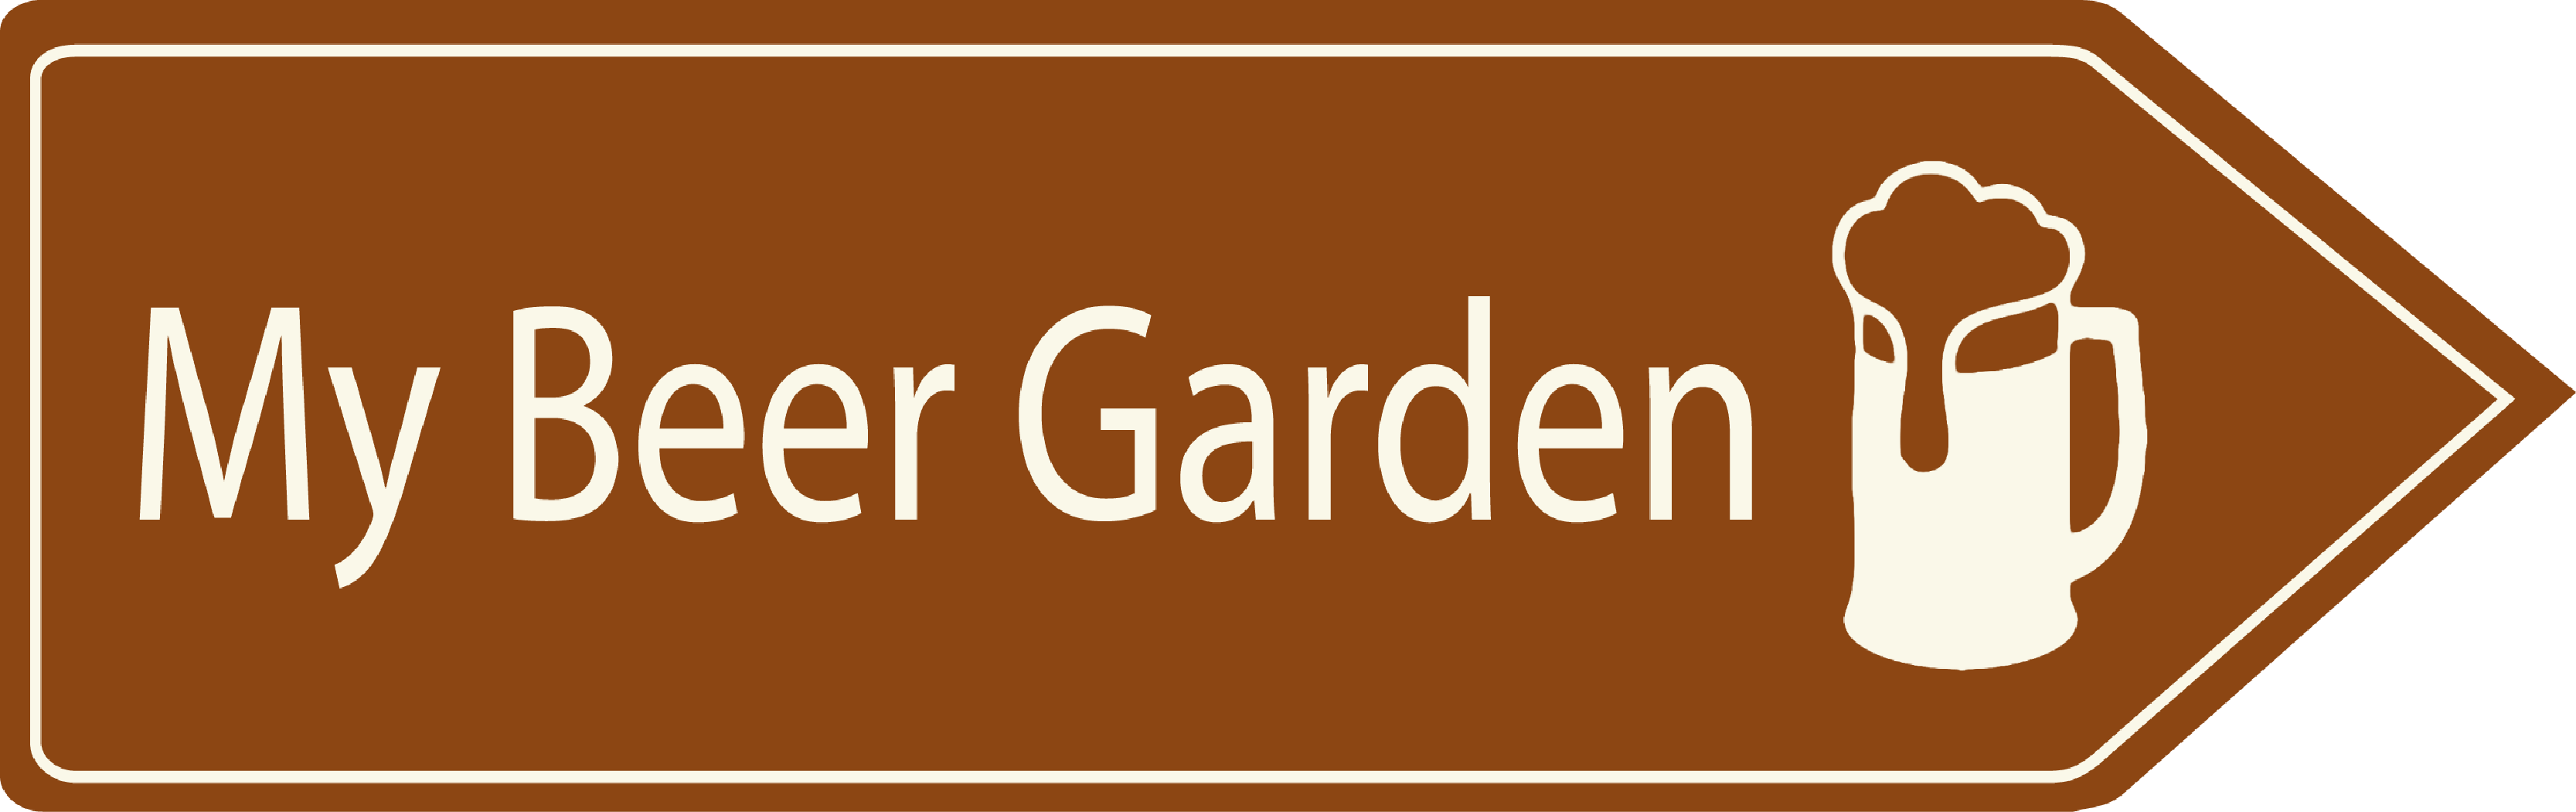 My Beer Garden